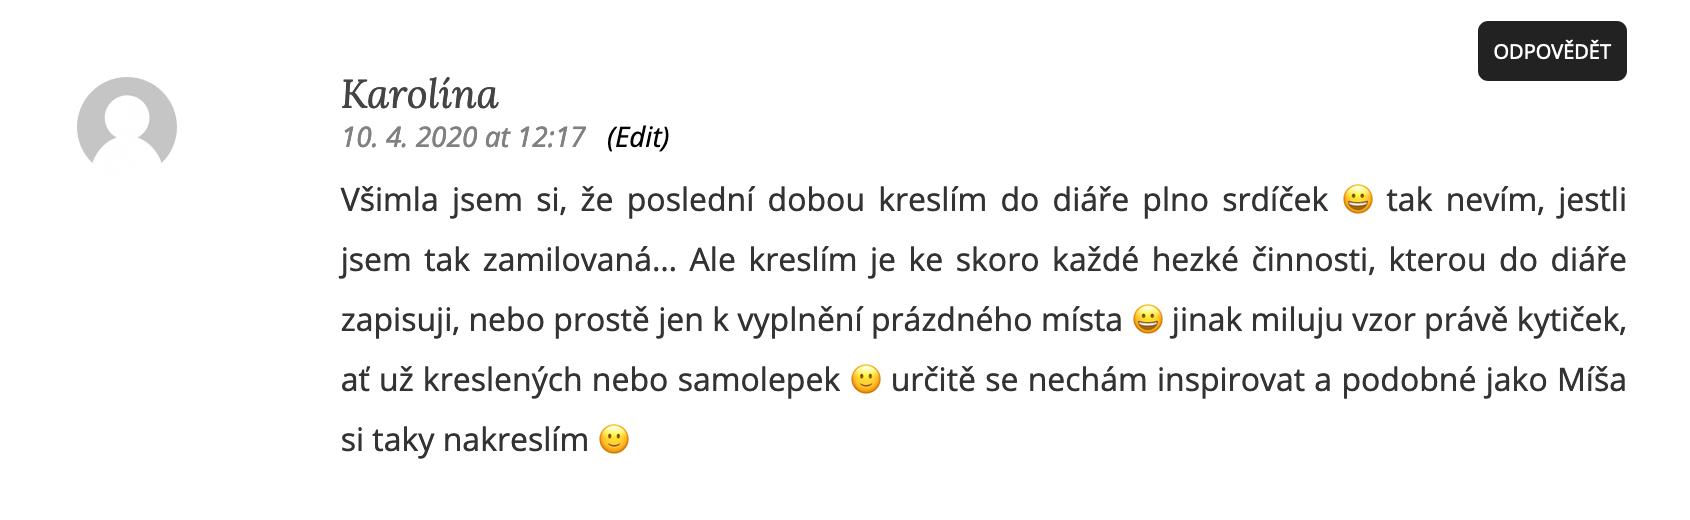 Výherce soutěže - Fleppi.cz